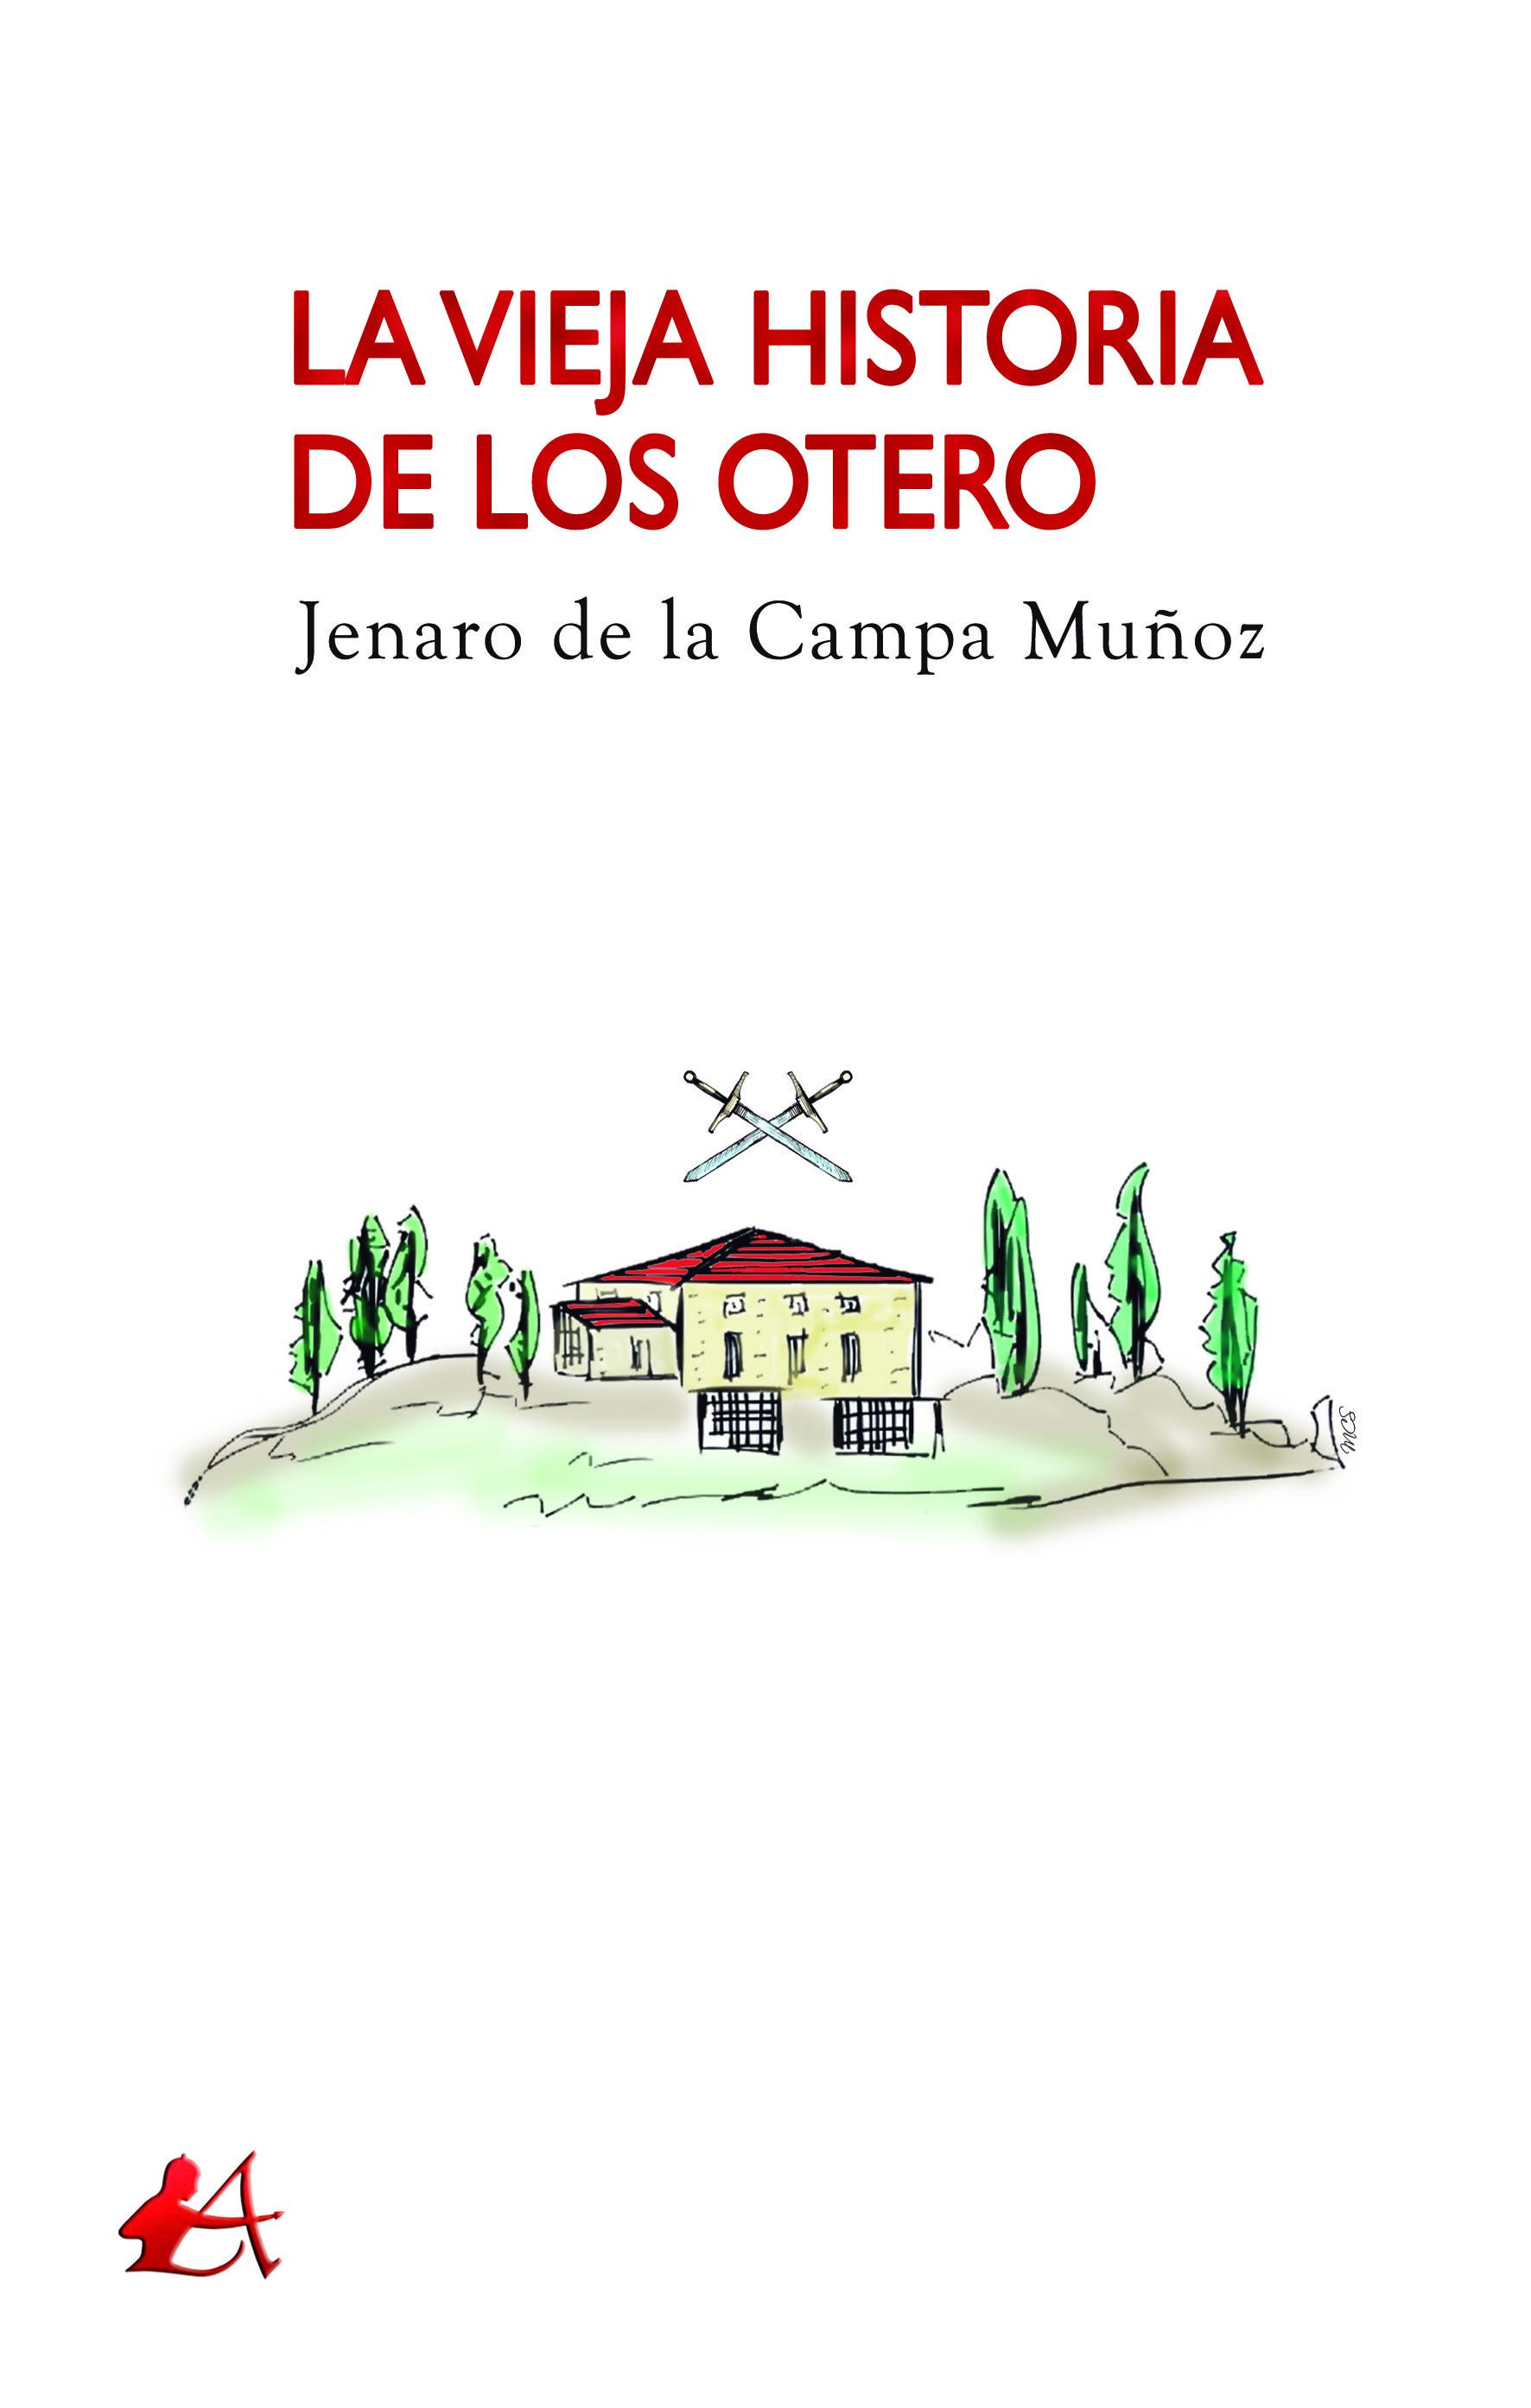 Portada del libro La vieja historia de los Otero de Jenaro de la Campa. Escritores de hoy, Editorial Adarve